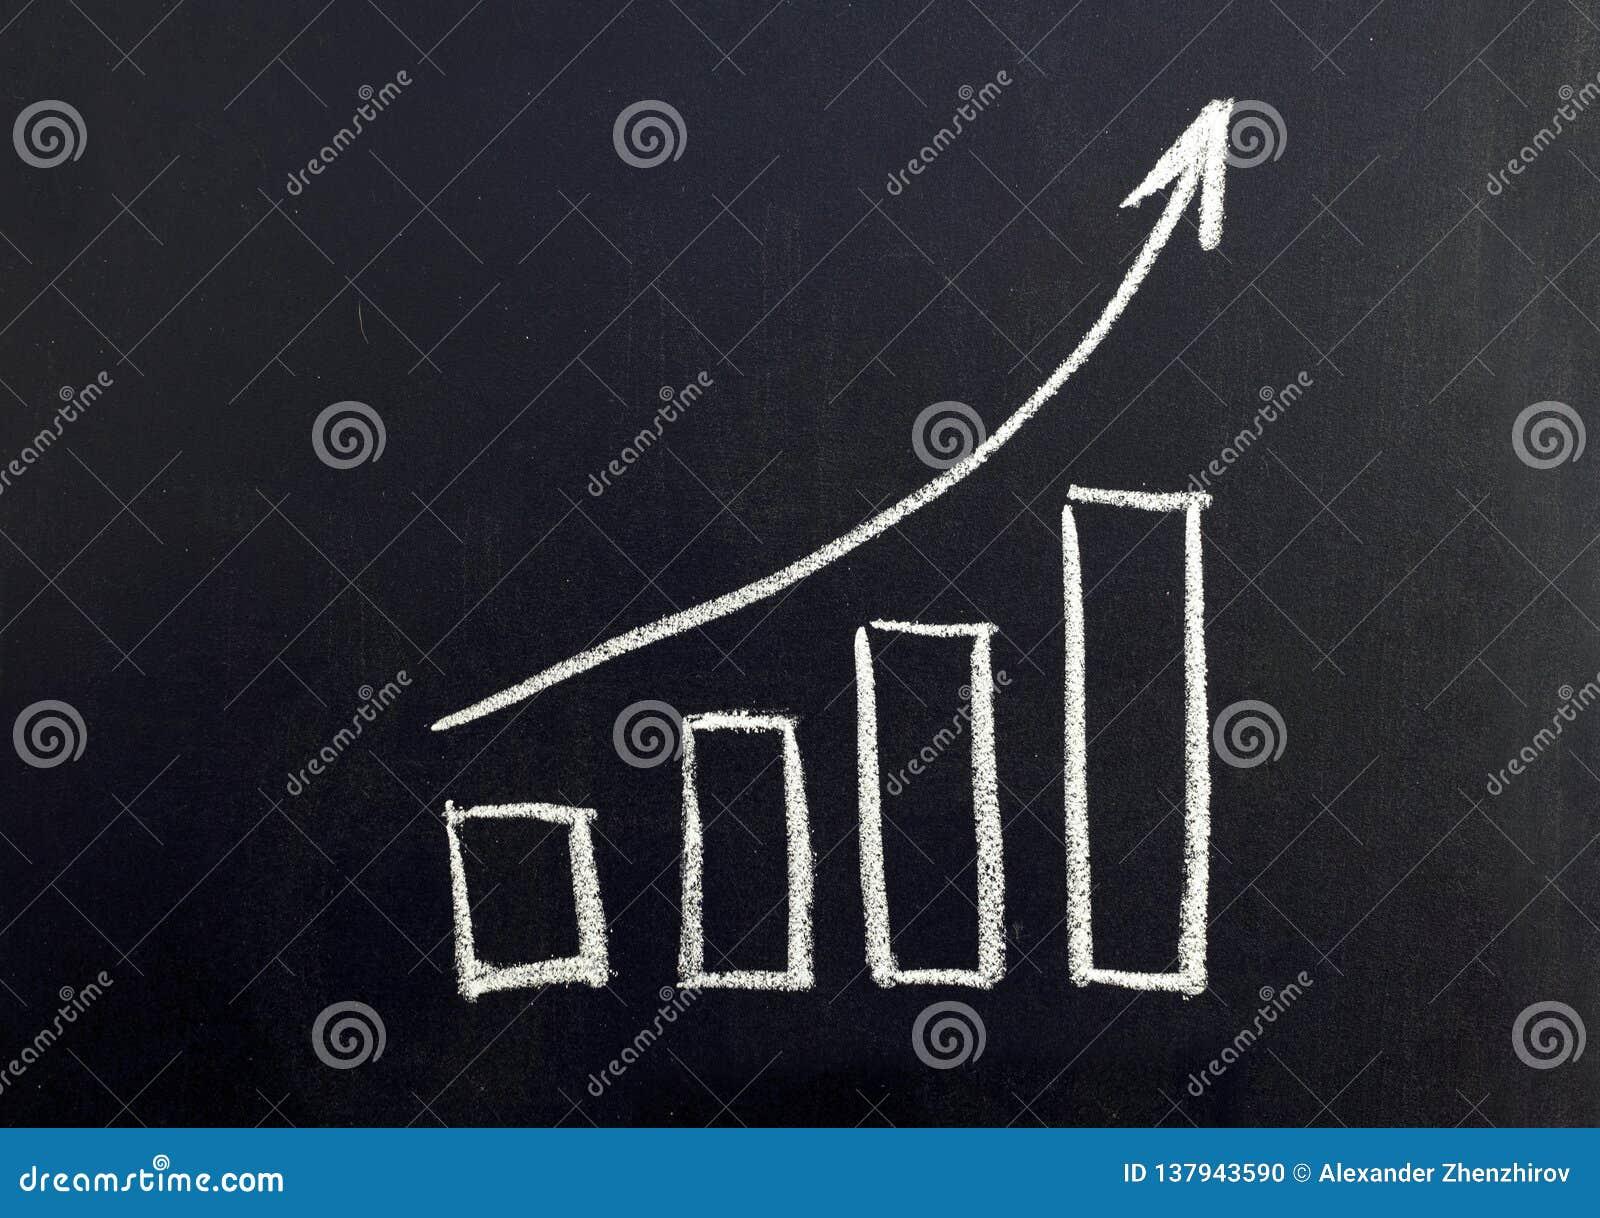 Chalk drawn growth diagram